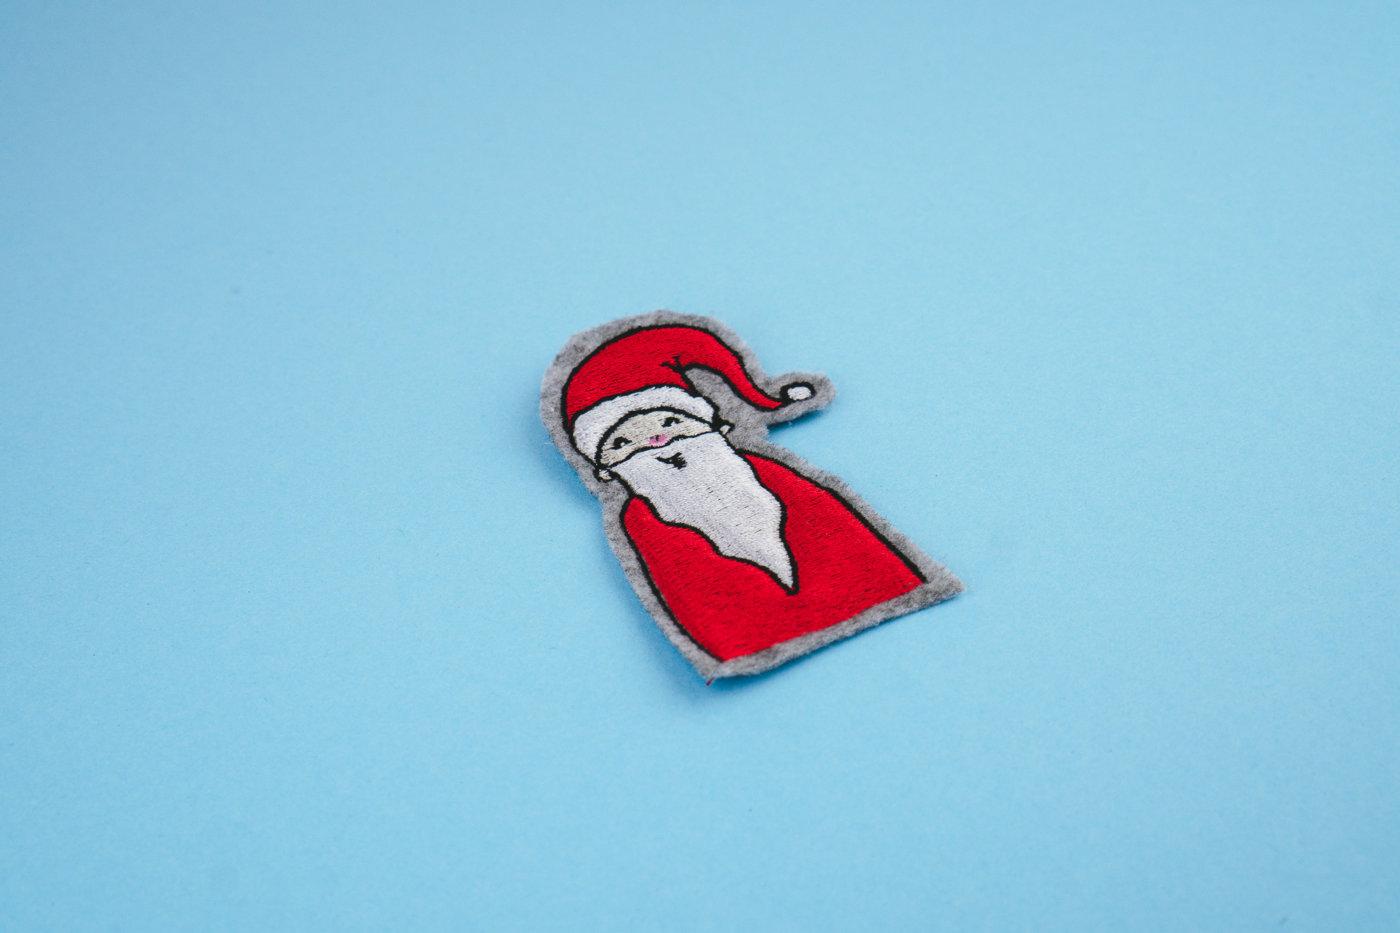 Stickdatei Weihnachtsmann (Anwendungsbeispiel) stickdatei weihnachtsmann Weihnachtsmann 🎅🏻 stickdatei weihnachtsmann 03 1400x933